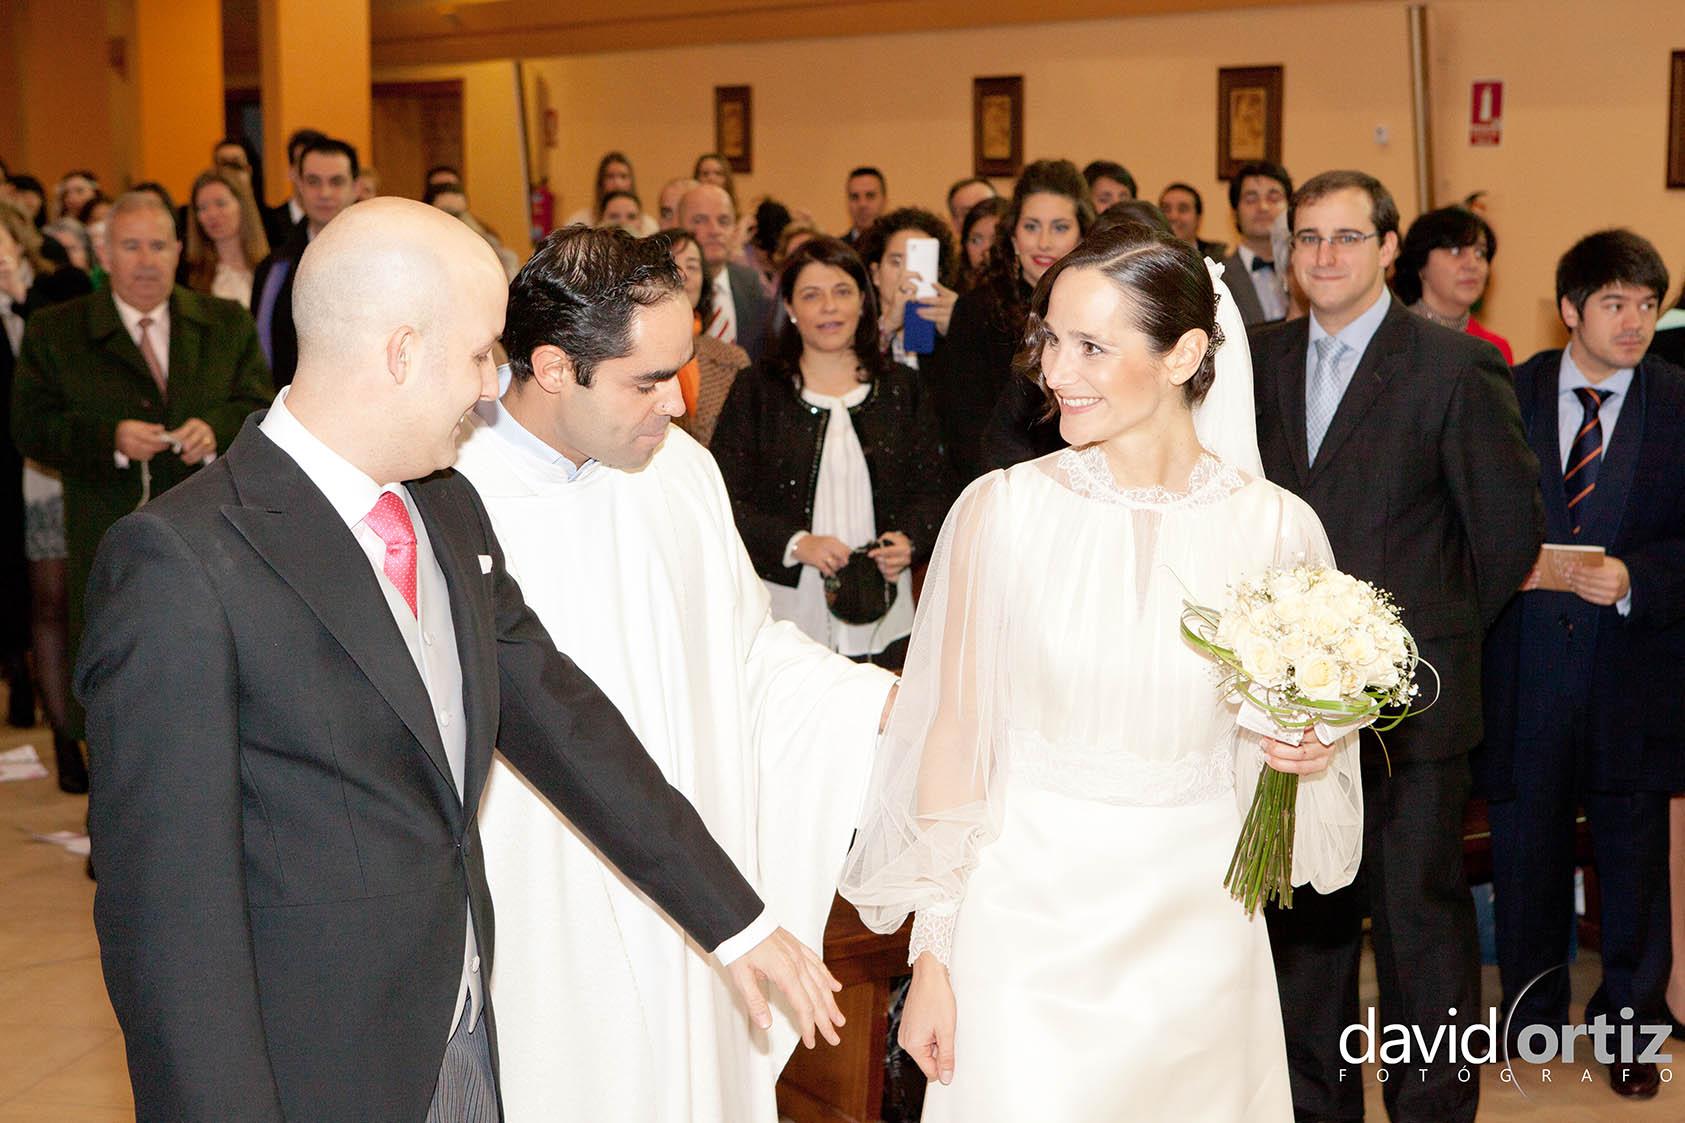 Si estas buscando fotógrafo para tu boda aquí te dejamos un ejemplo de un reportaje diferente